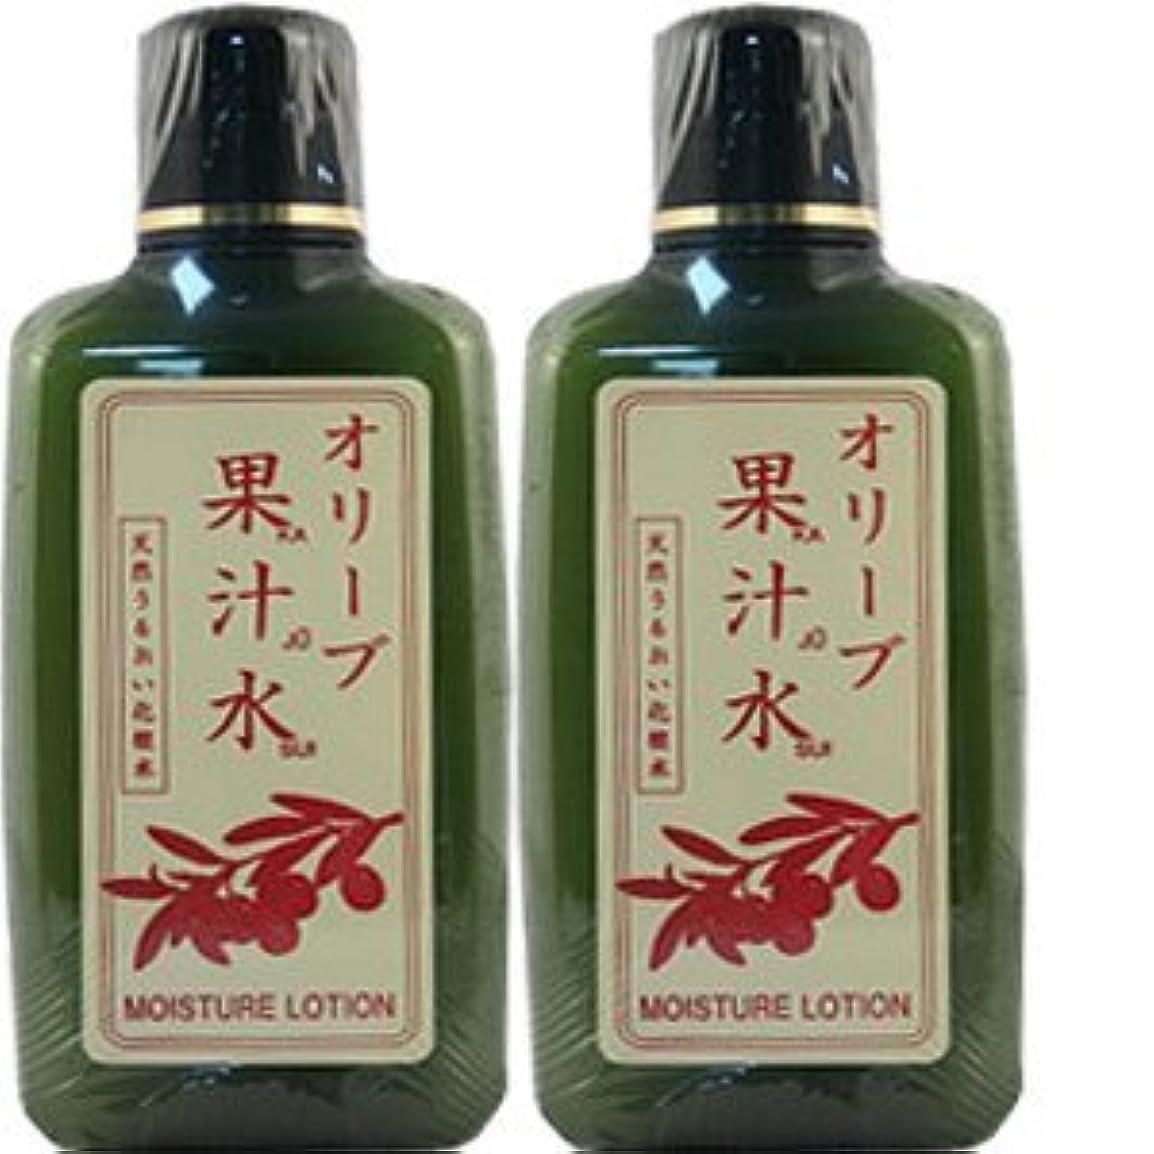 一族冒険者変数【2本】 オリーブマノン オリーブ果汁水 180mlx2個(4965363003982)